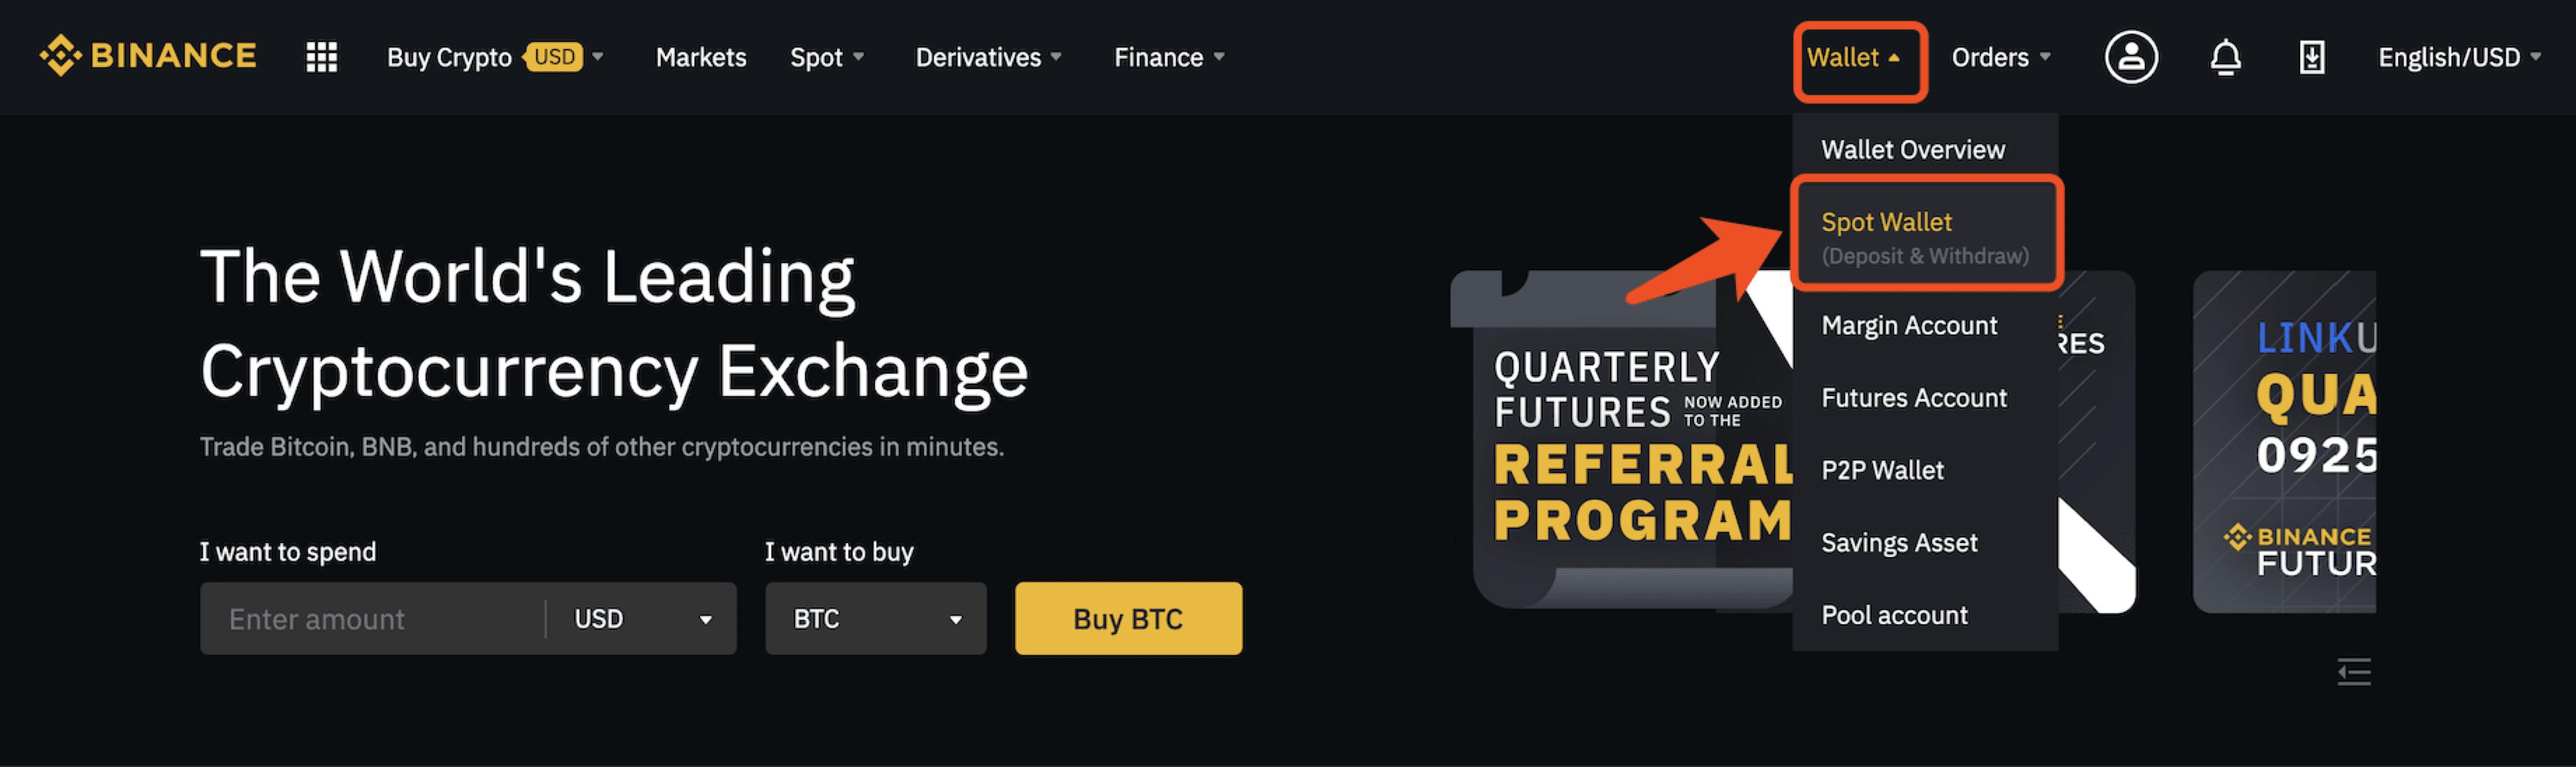 Binance-exchange-2021